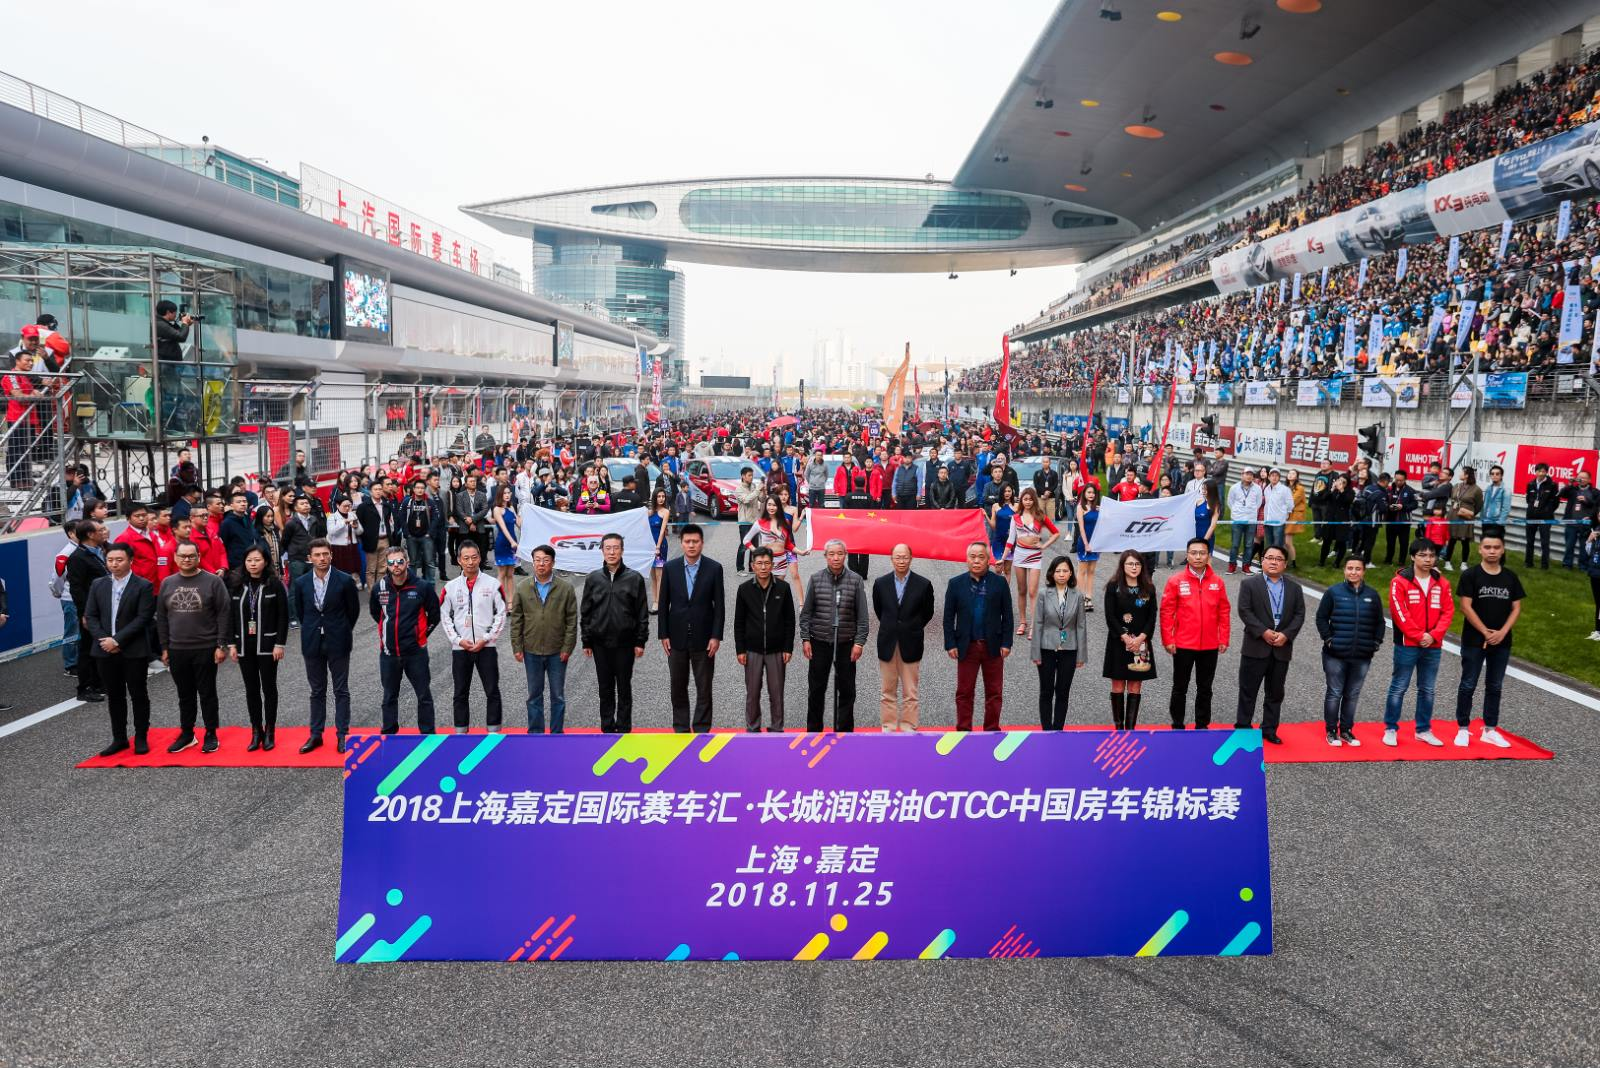 2018 CTCC中国房车锦标赛圆满落幕 锦湖轮胎再获年度卓越贡献奖